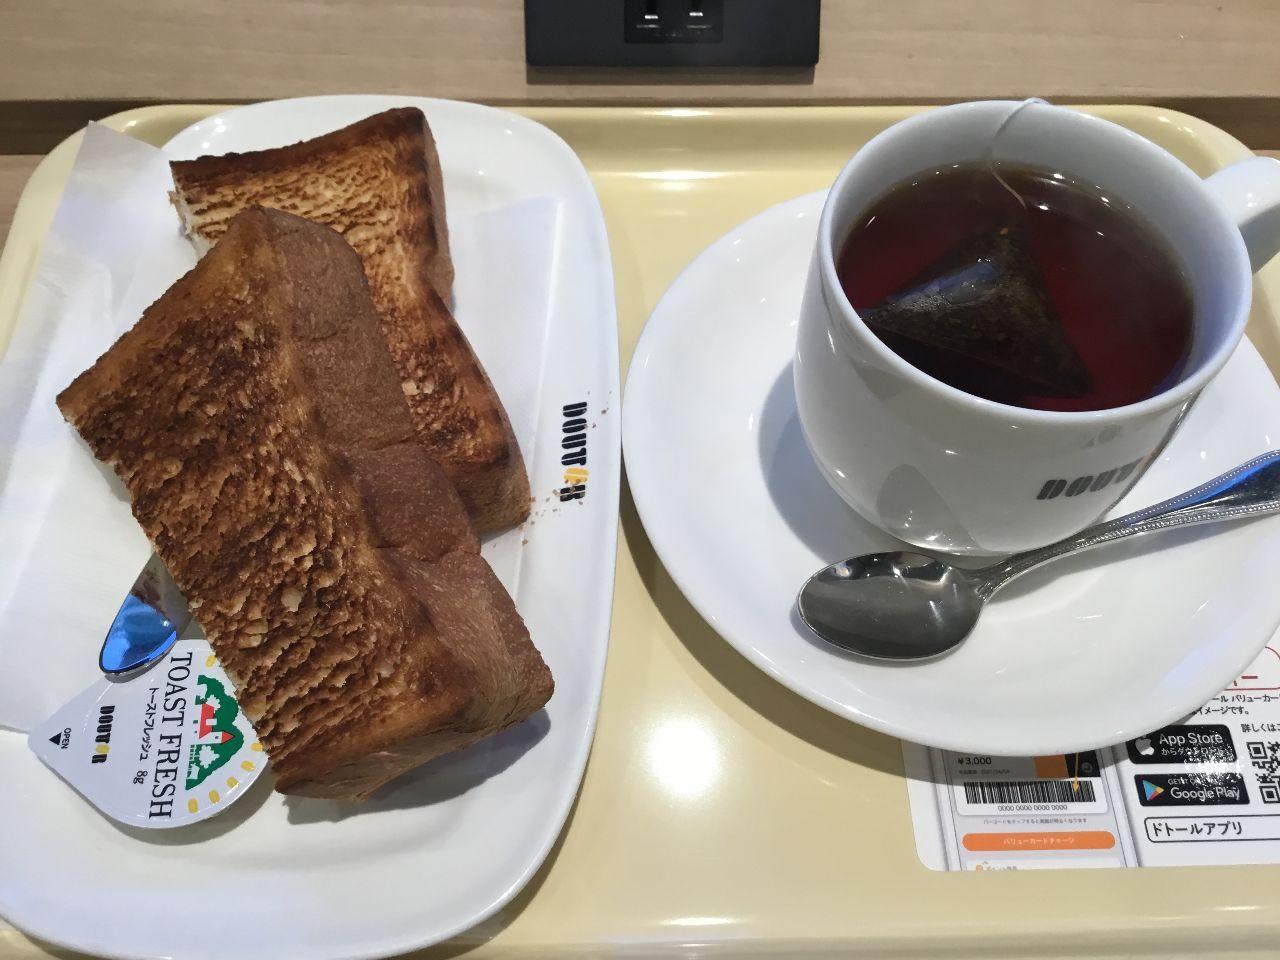 2594 - キーコーヒー(株) コーヒーは、キーコーヒーに、 、 黒焦げ  トースト、ドトールはやめた